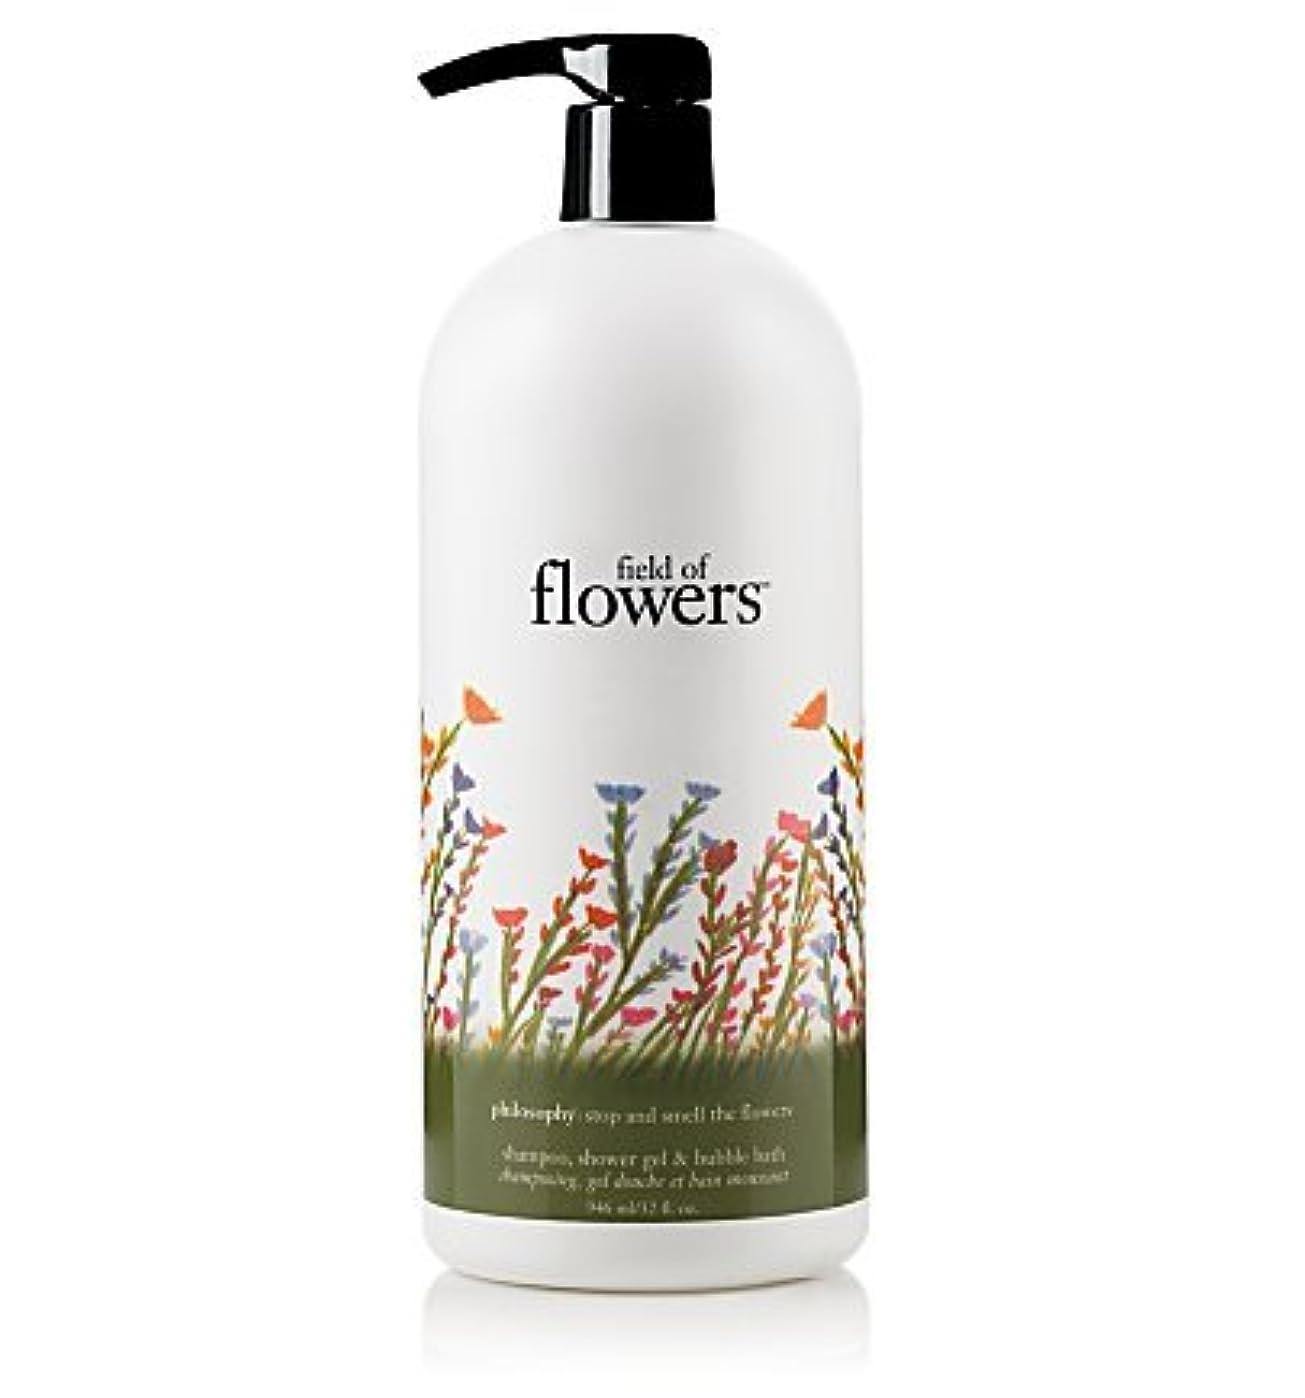 要塞妖精報いるfield of flowers (フィールド オブ フラワーズ) 32.0 oz (960ml) shampoo, shower gel & bubble bath for Women